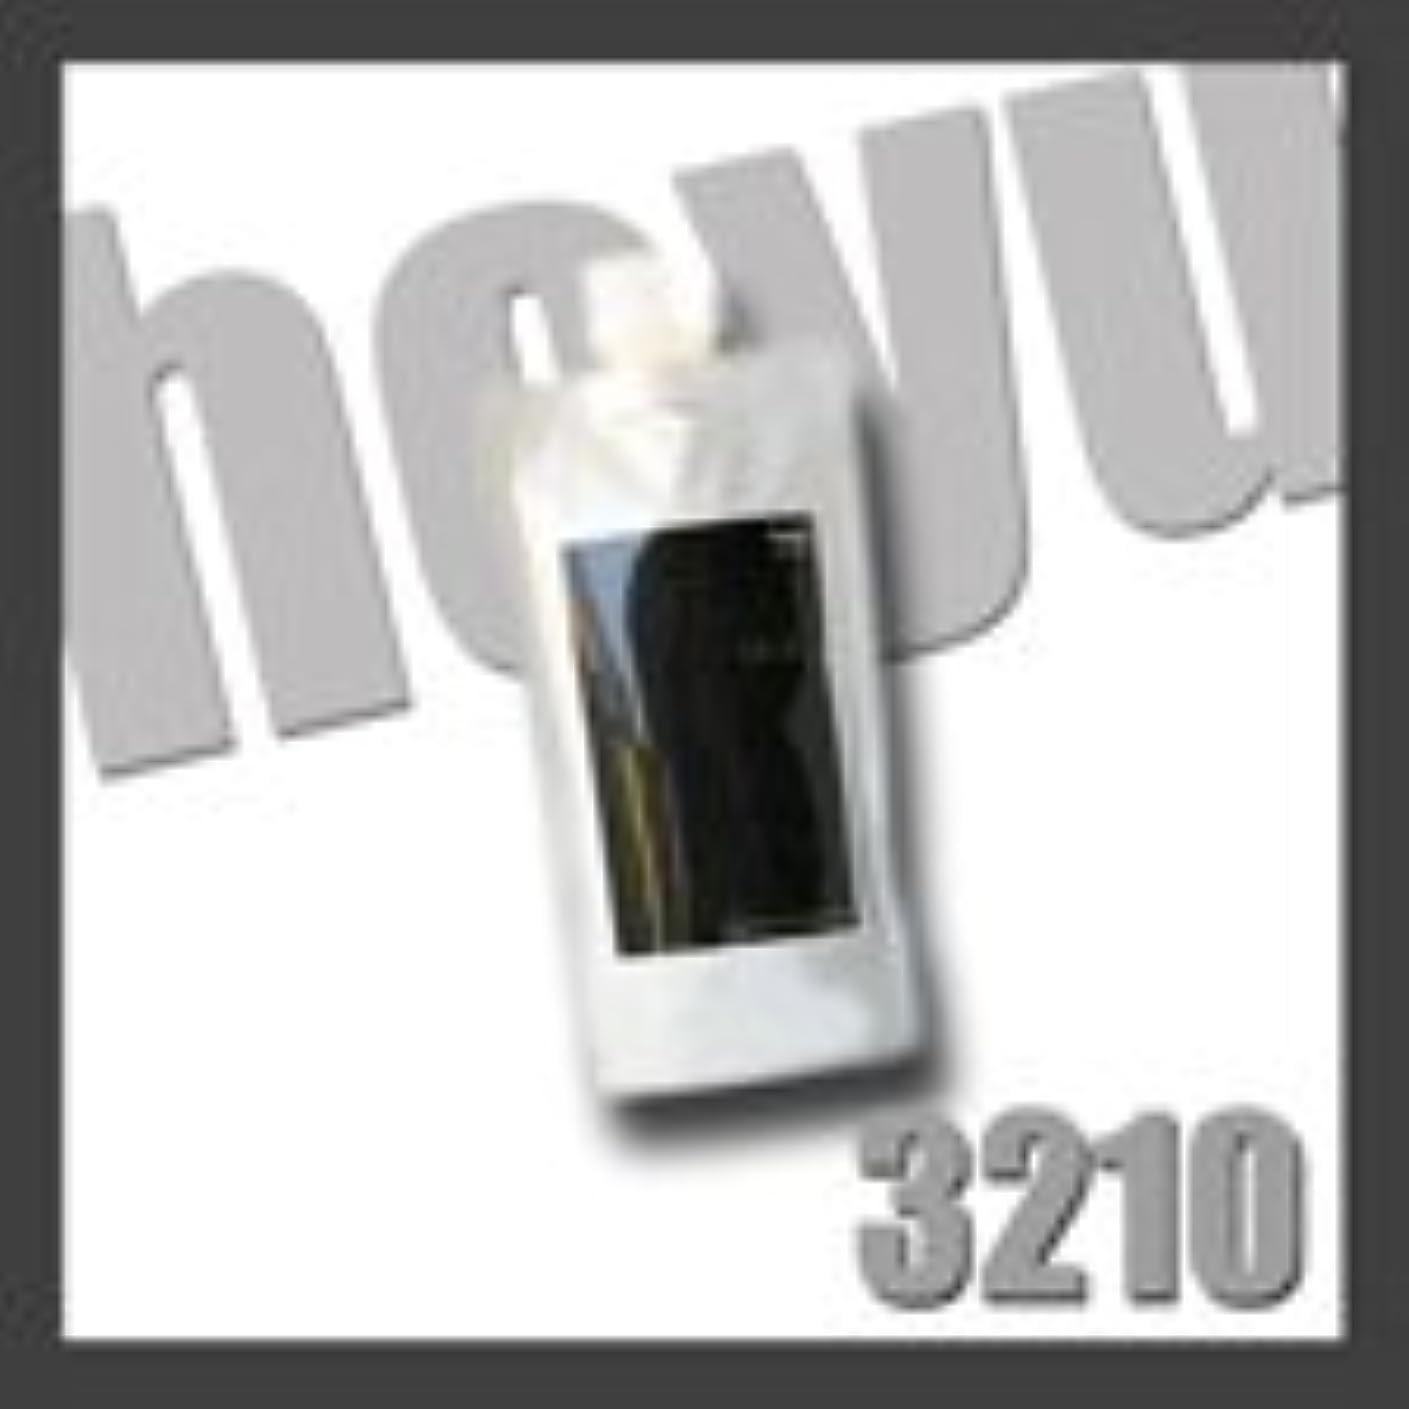 ウォルターカニンガムファイル腹痛HOYU ホーユー 3210 ミニーレ ウルトラハード ワックス レフィル 200g 詰替用 フィニッシュワークシリーズ